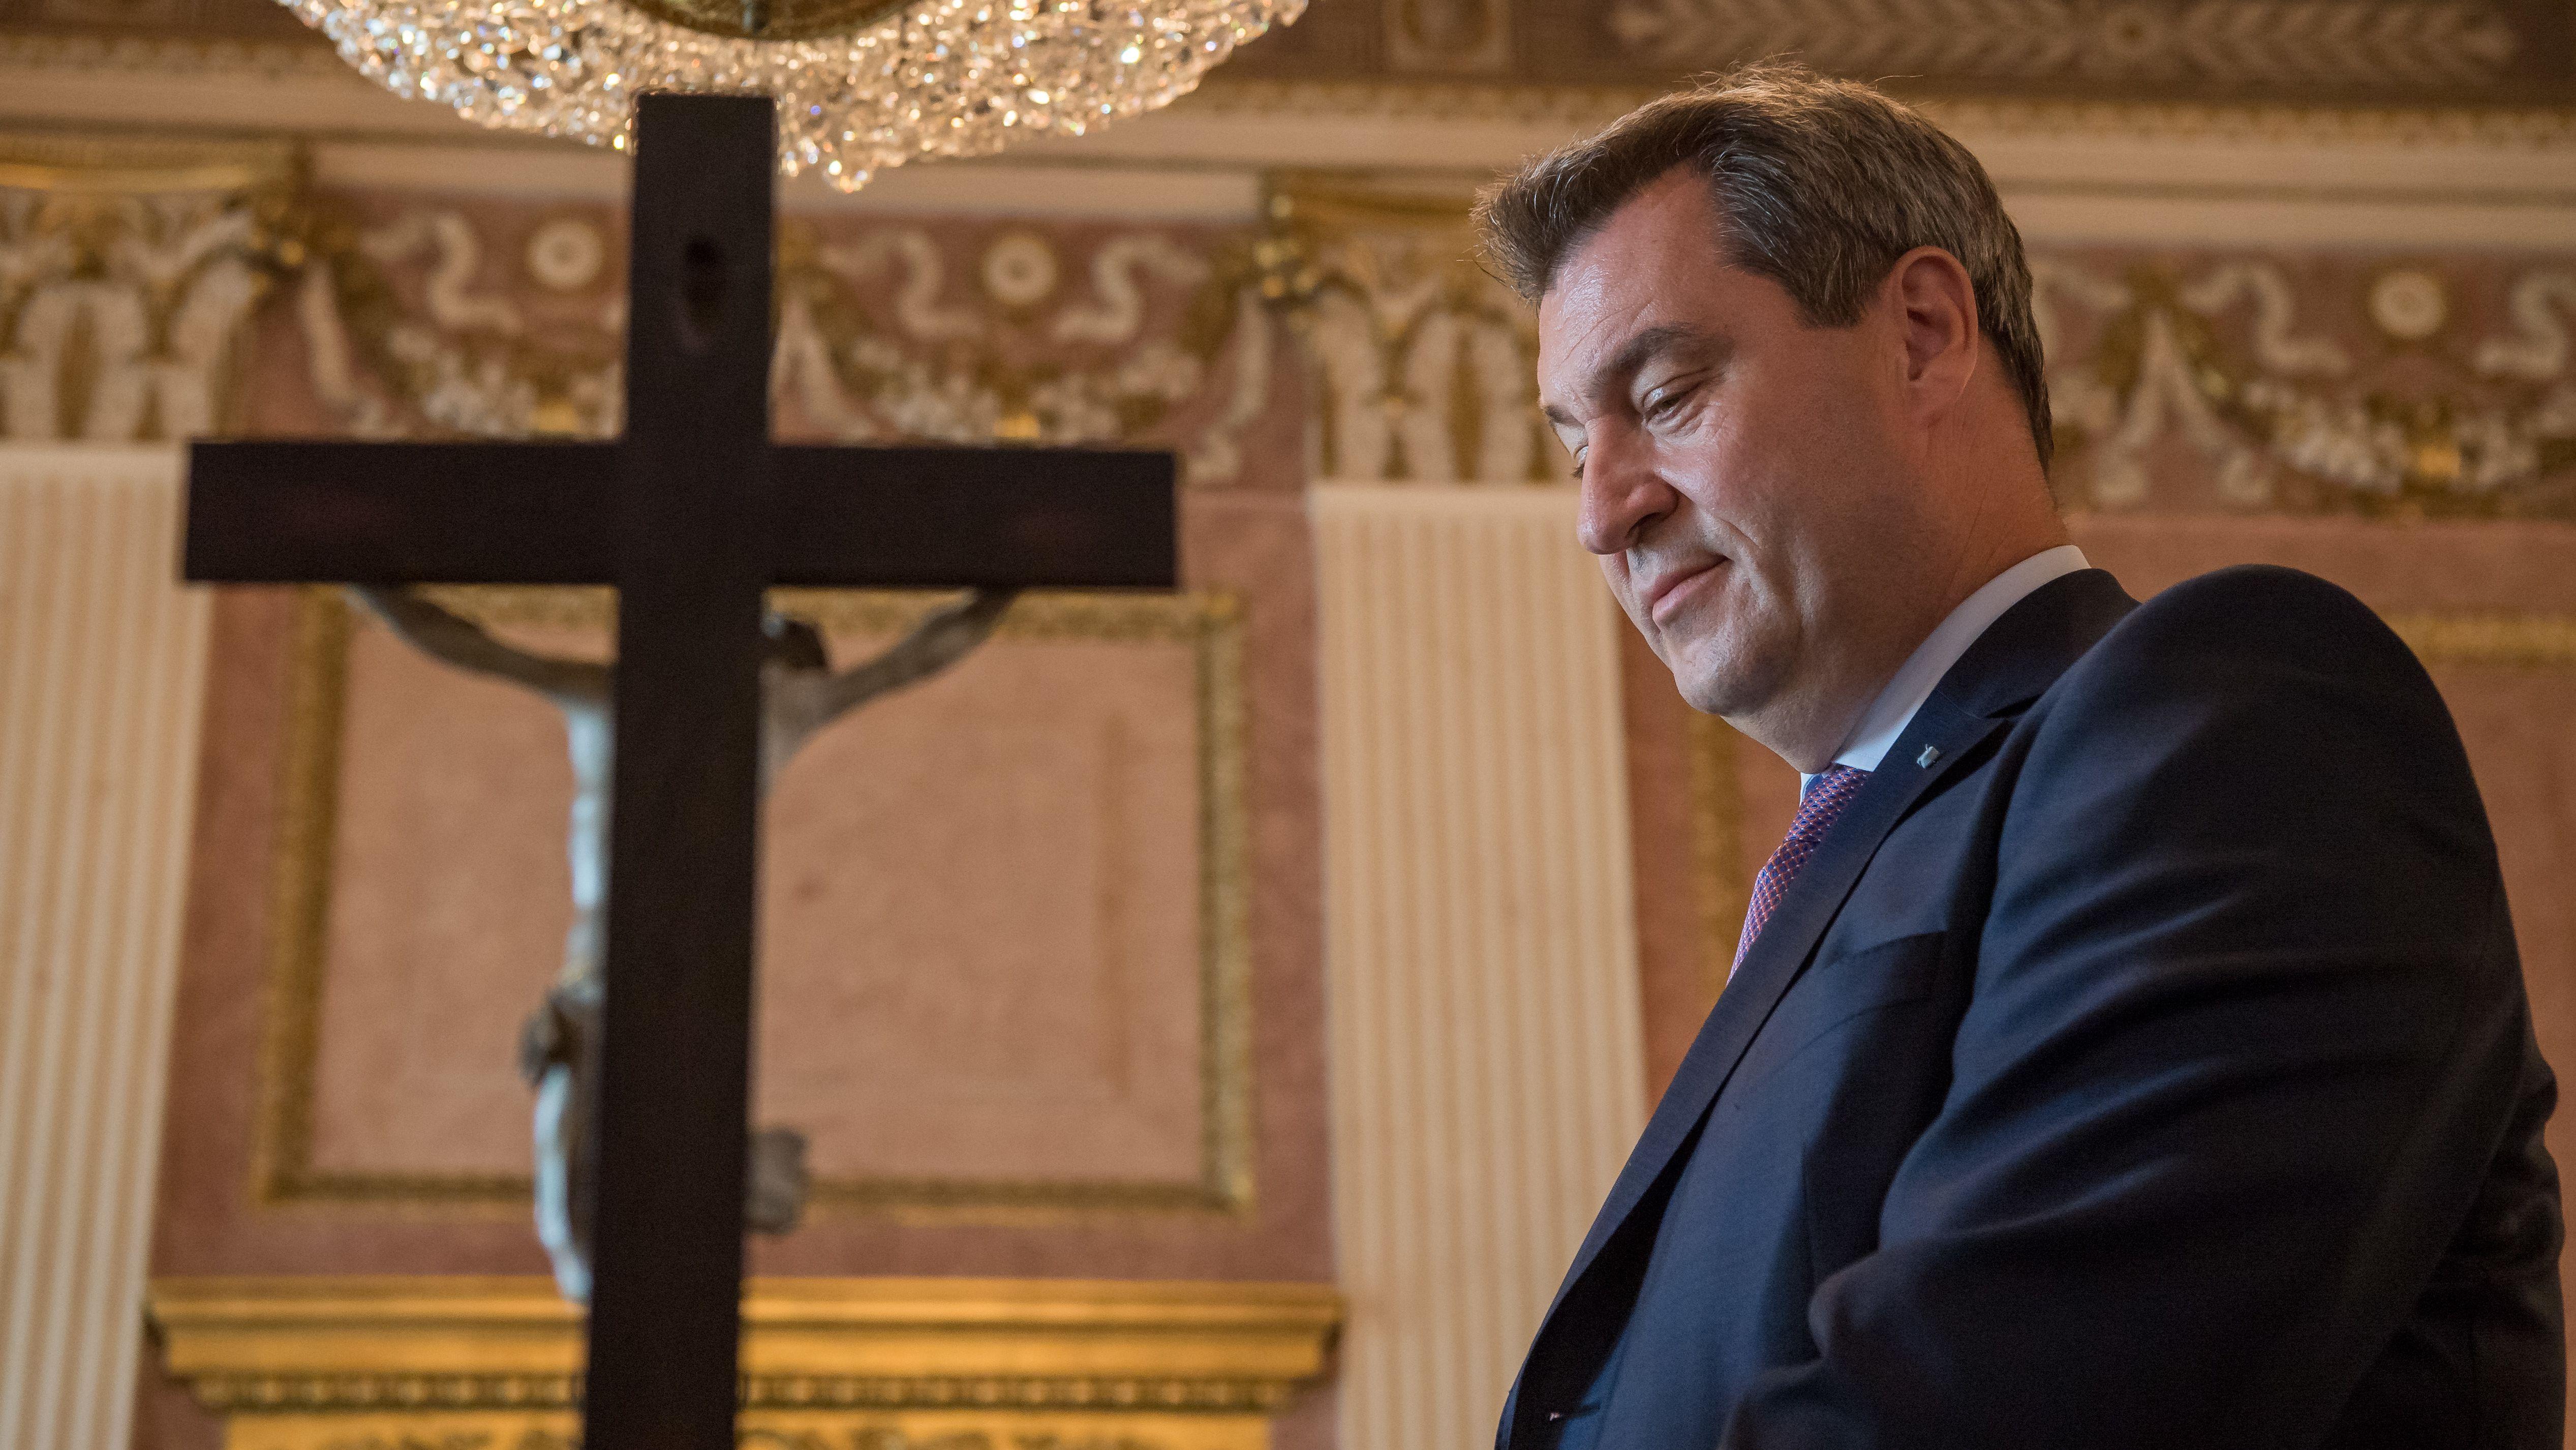 Der bayerische Ministerpräsident Söder neben einem Kruzifix